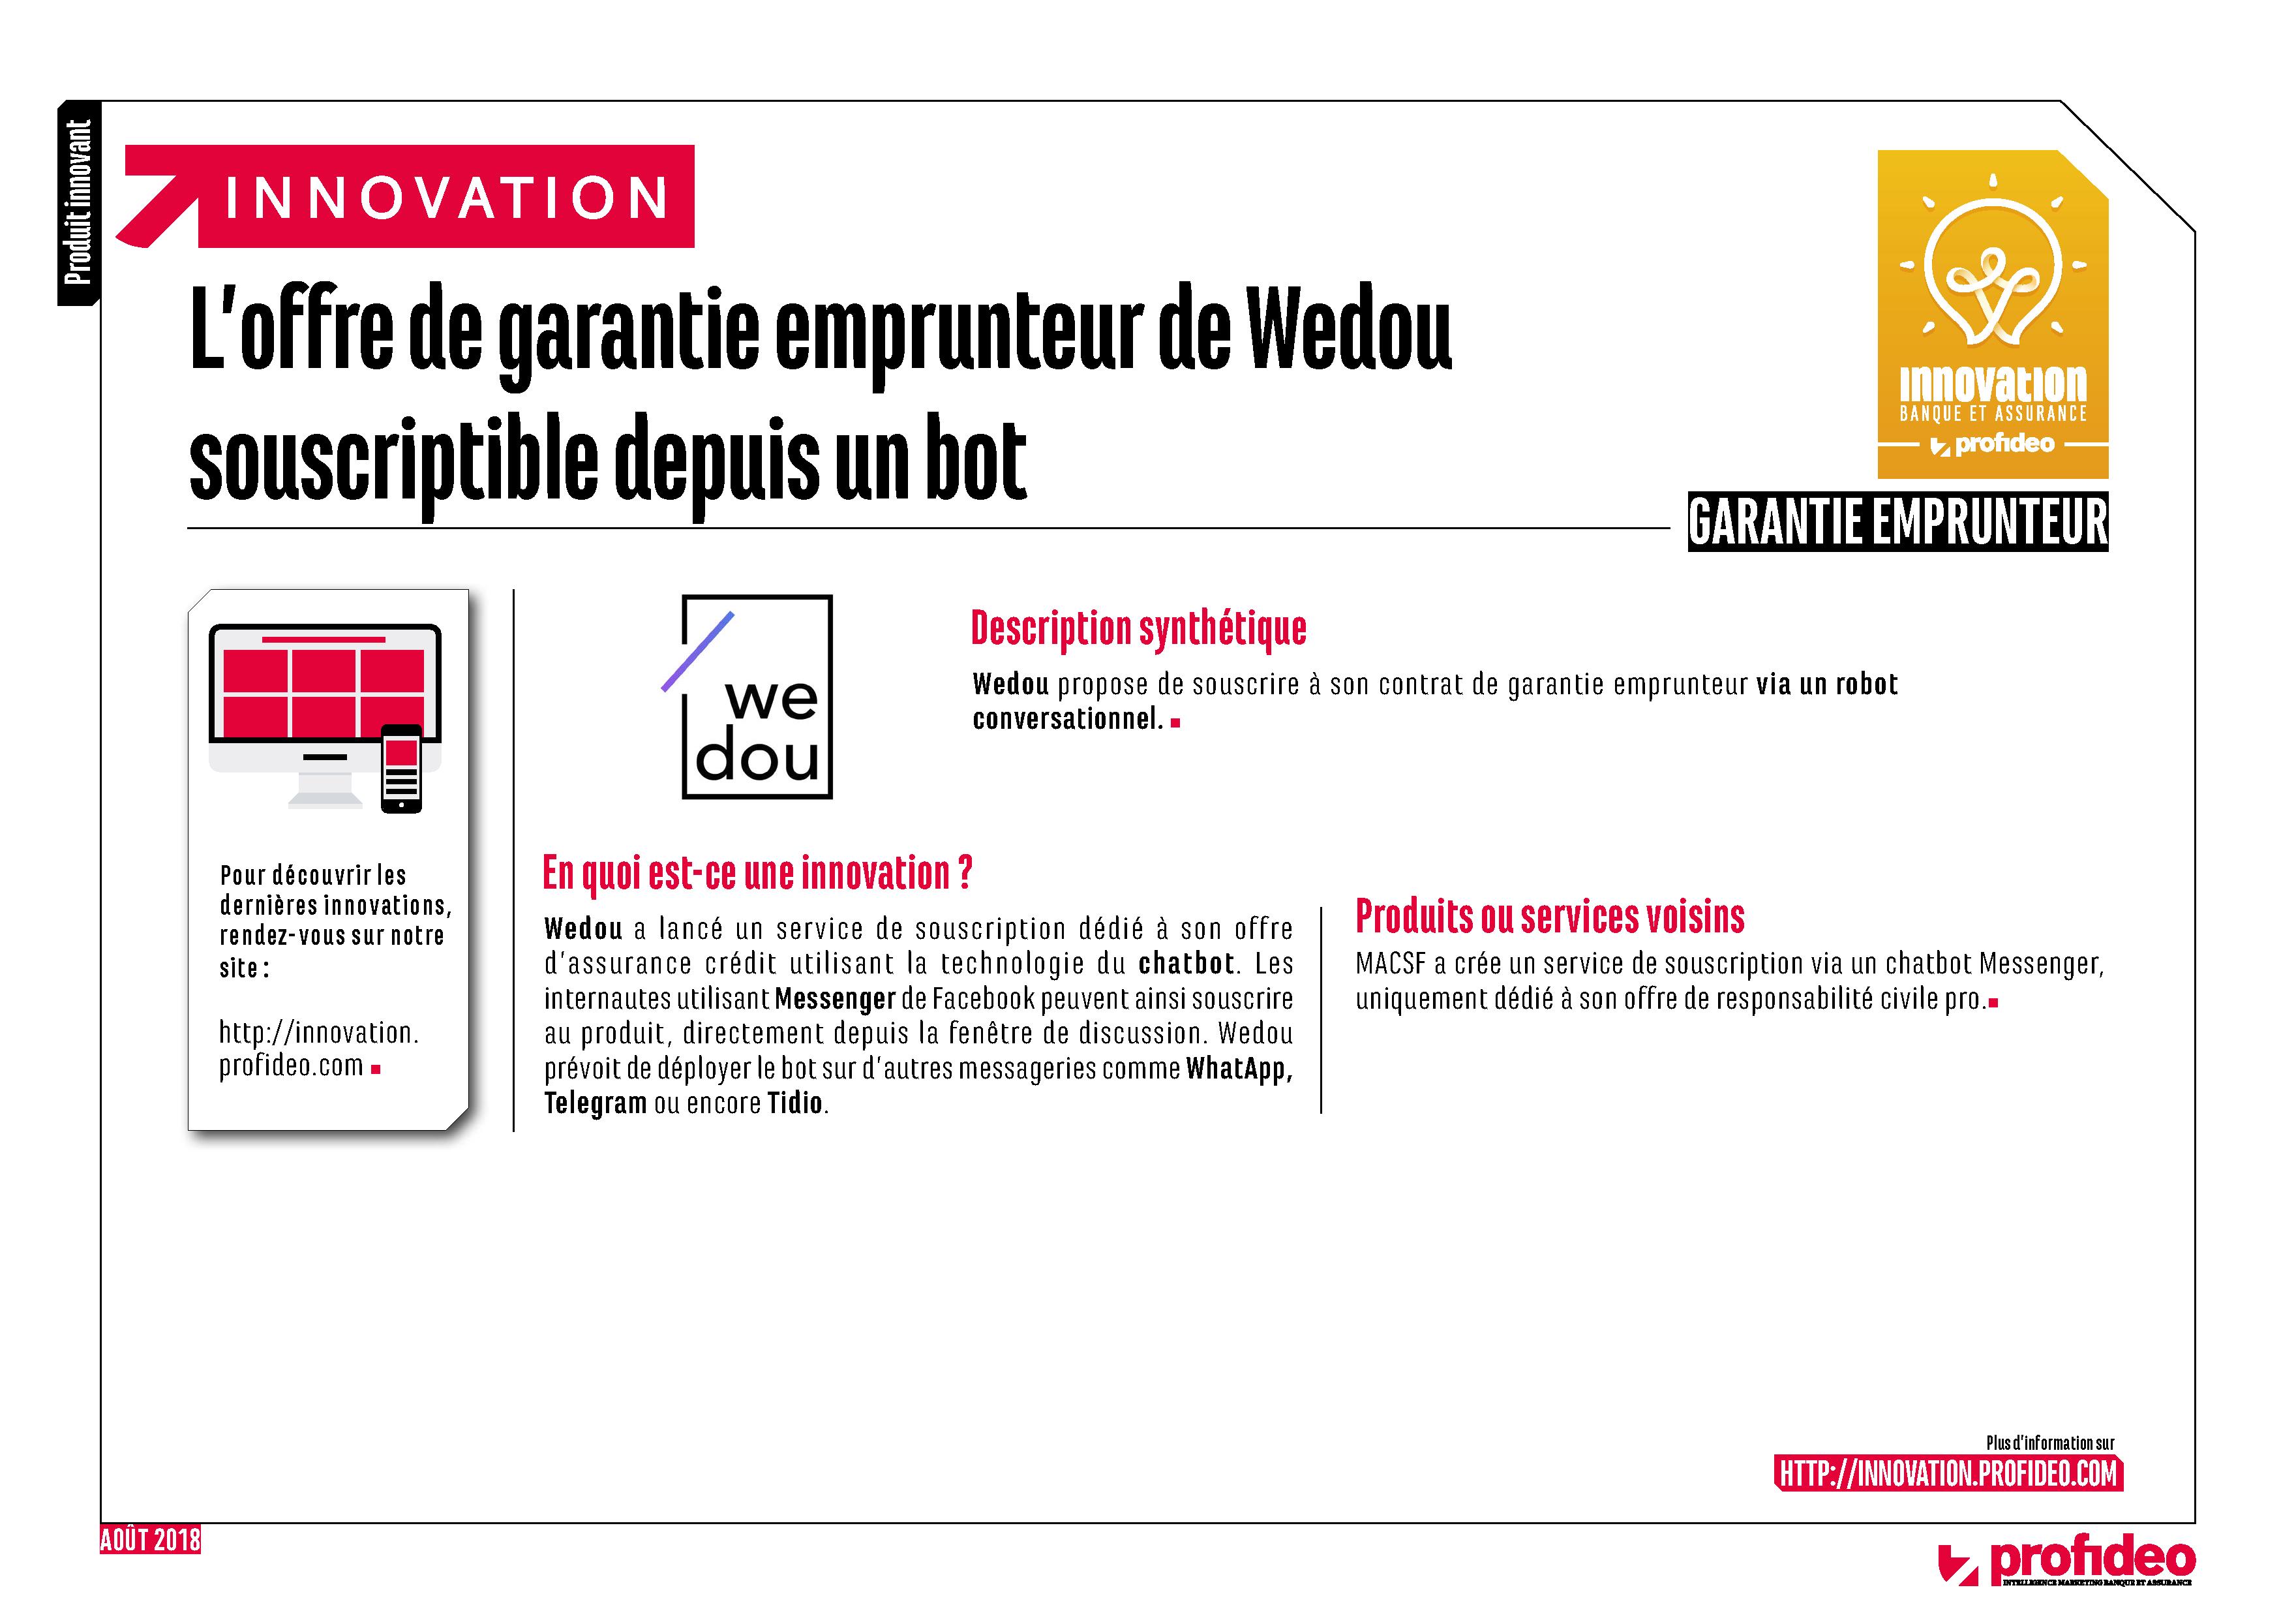 Wedou reçoit le prix de l'innovation